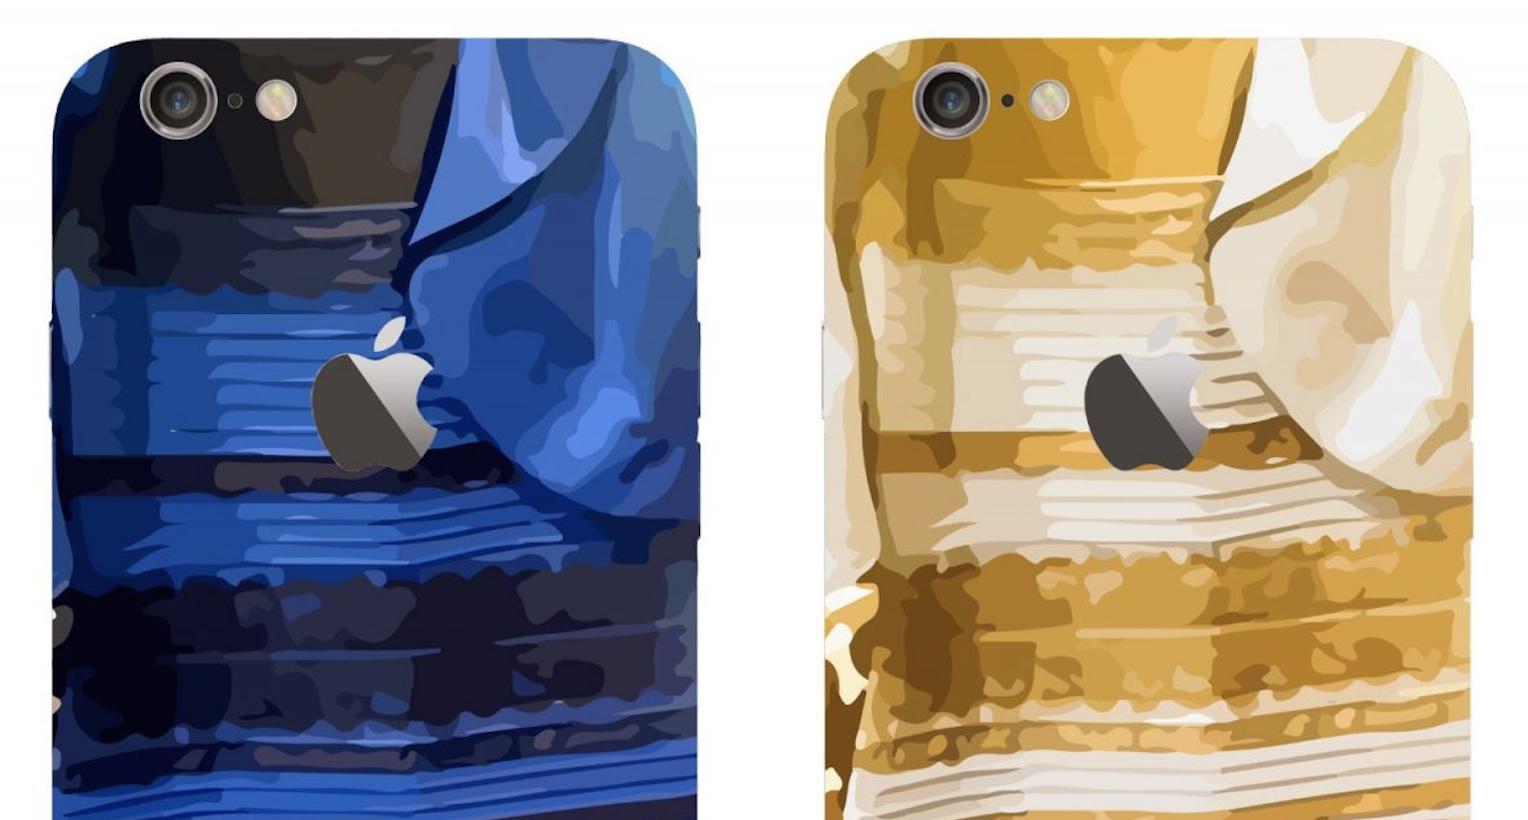 話題のドレスがついにiPhoneケースになって登場